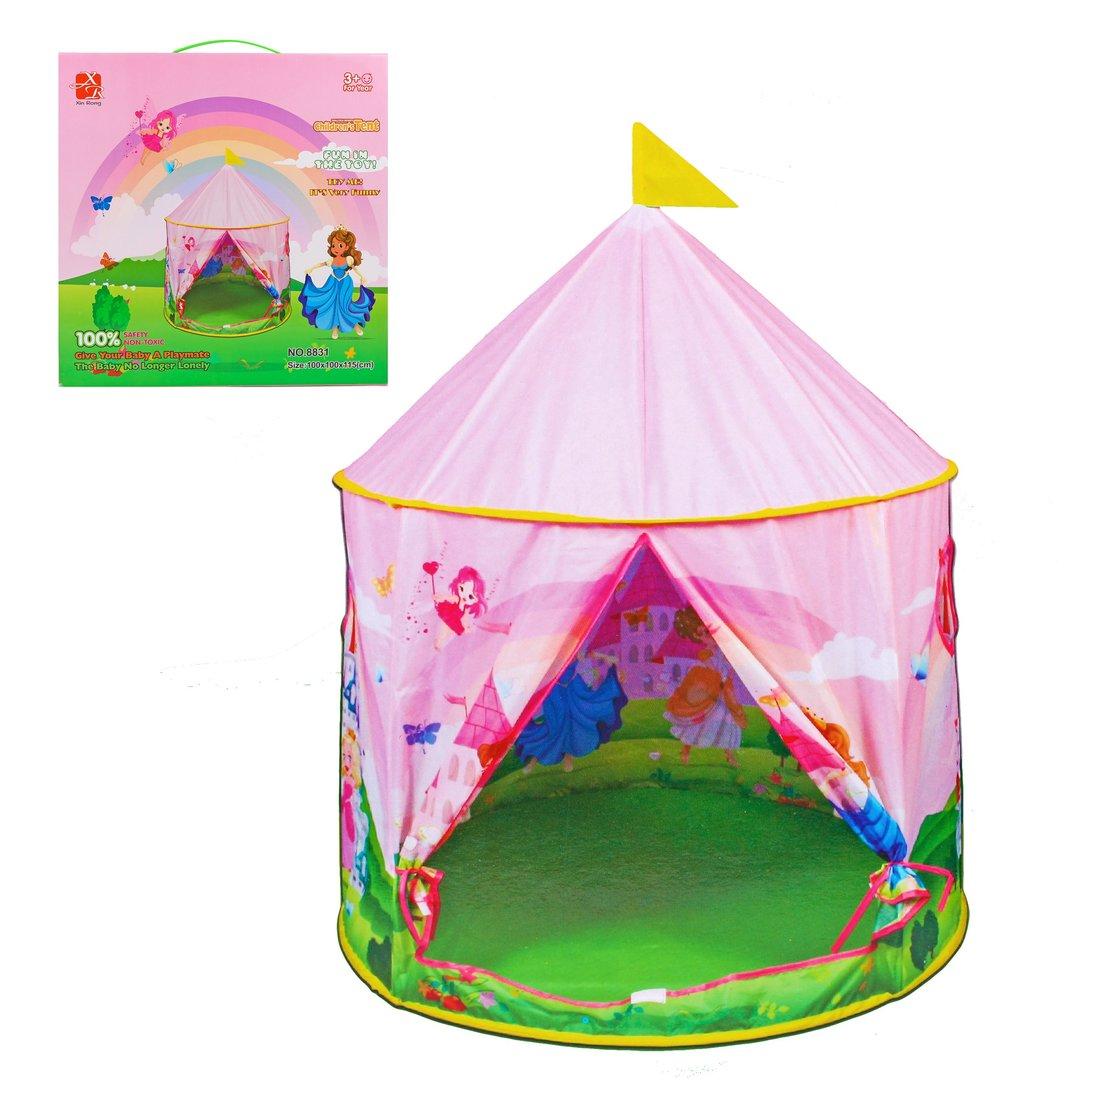 Палатка игровая Волшебный замок100*100*115 см, коробка